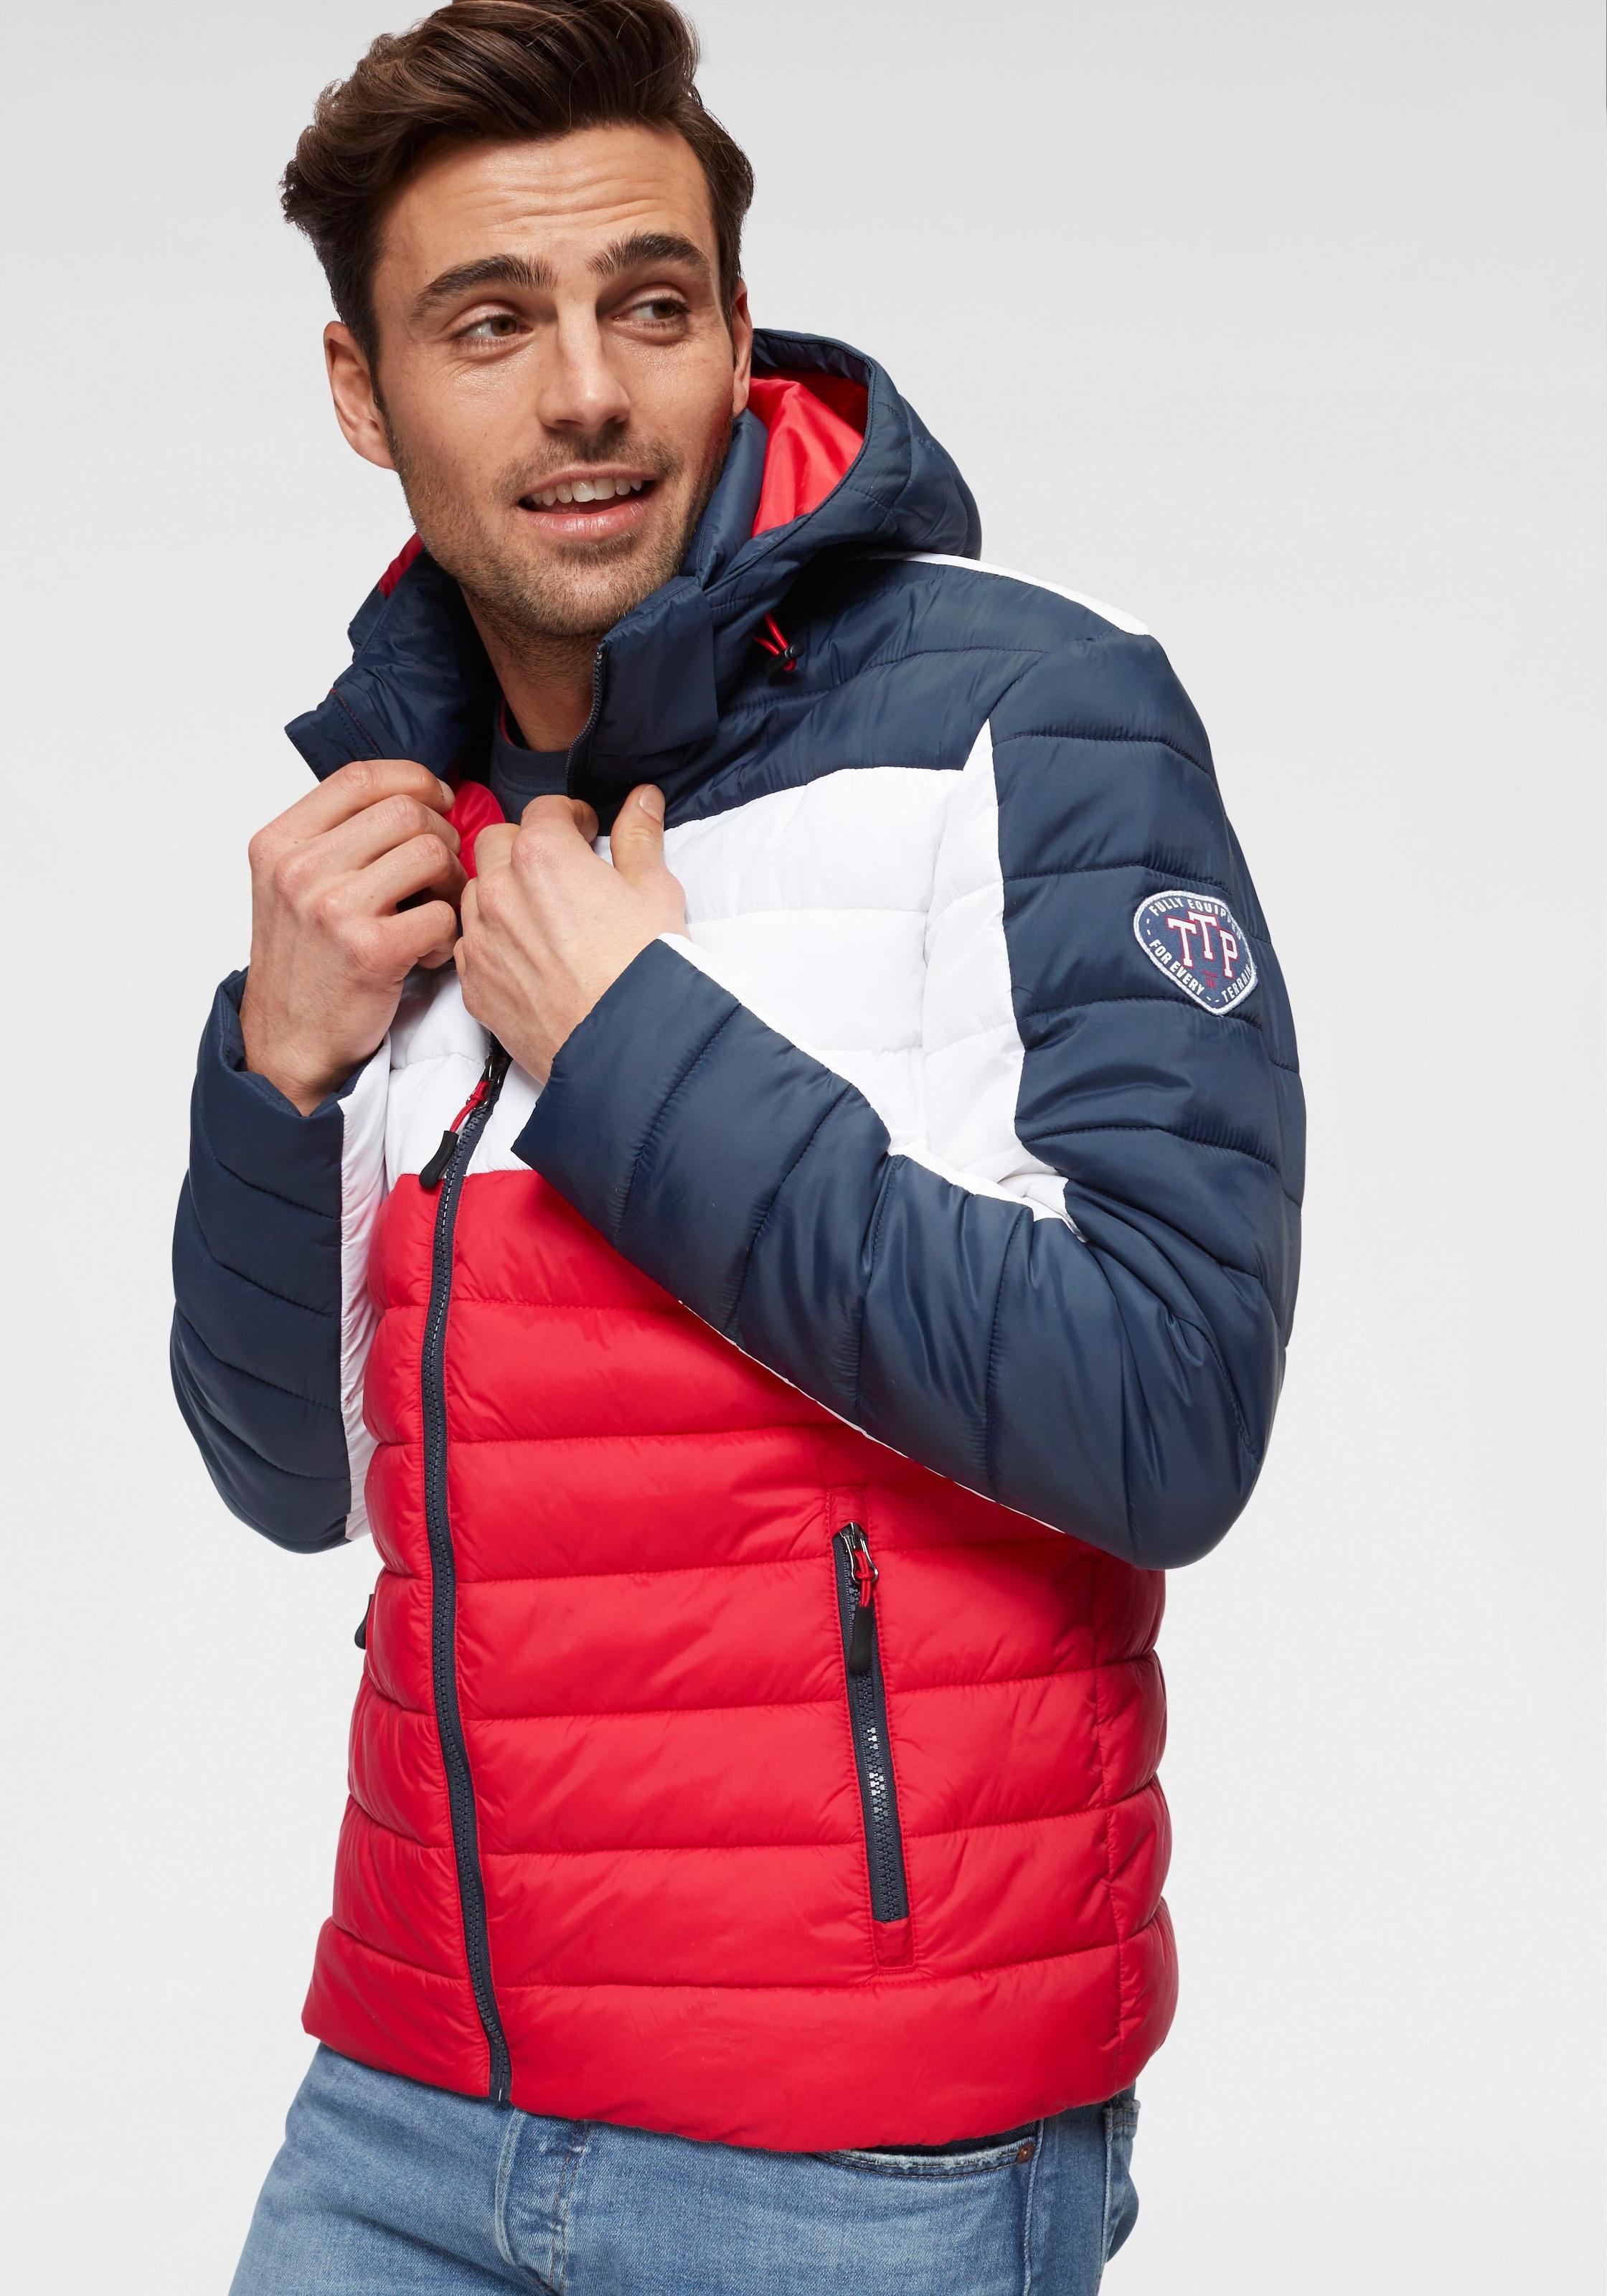 Lederjacken von tom tailor polo team für Männer günstig